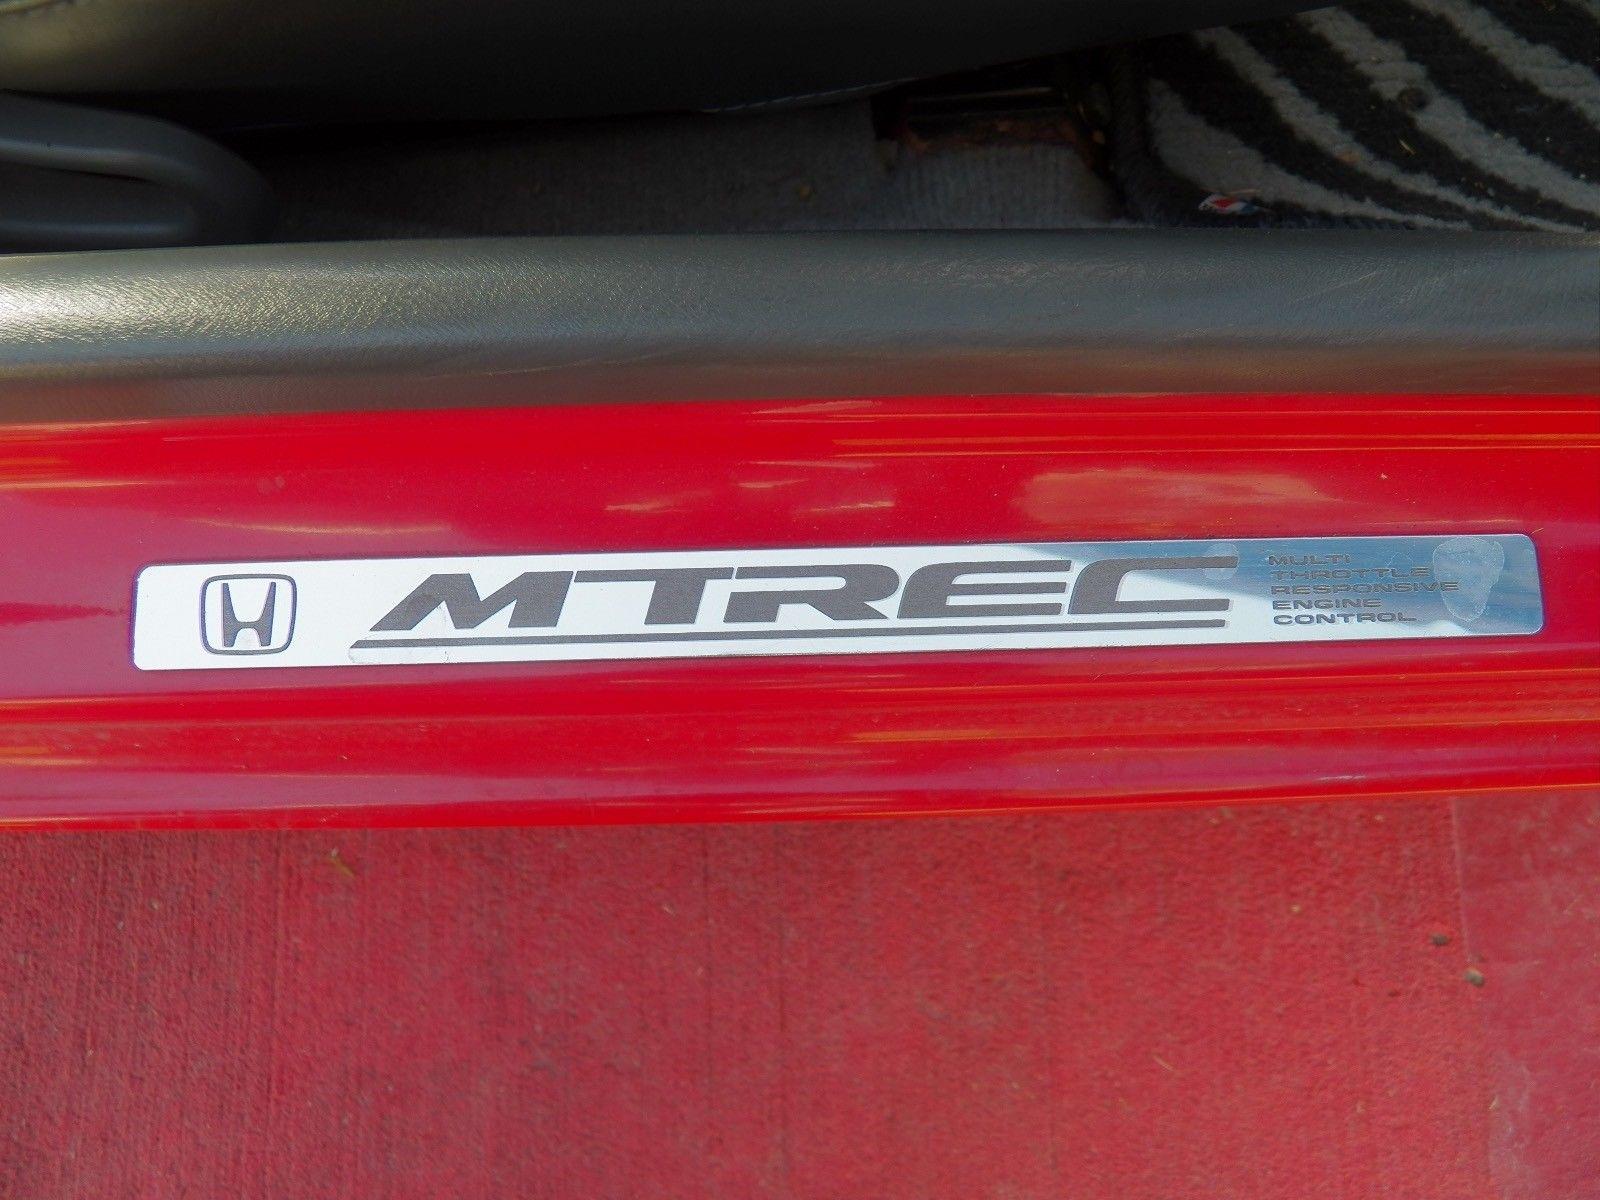 1991 Honda Beat PP1 badge detail